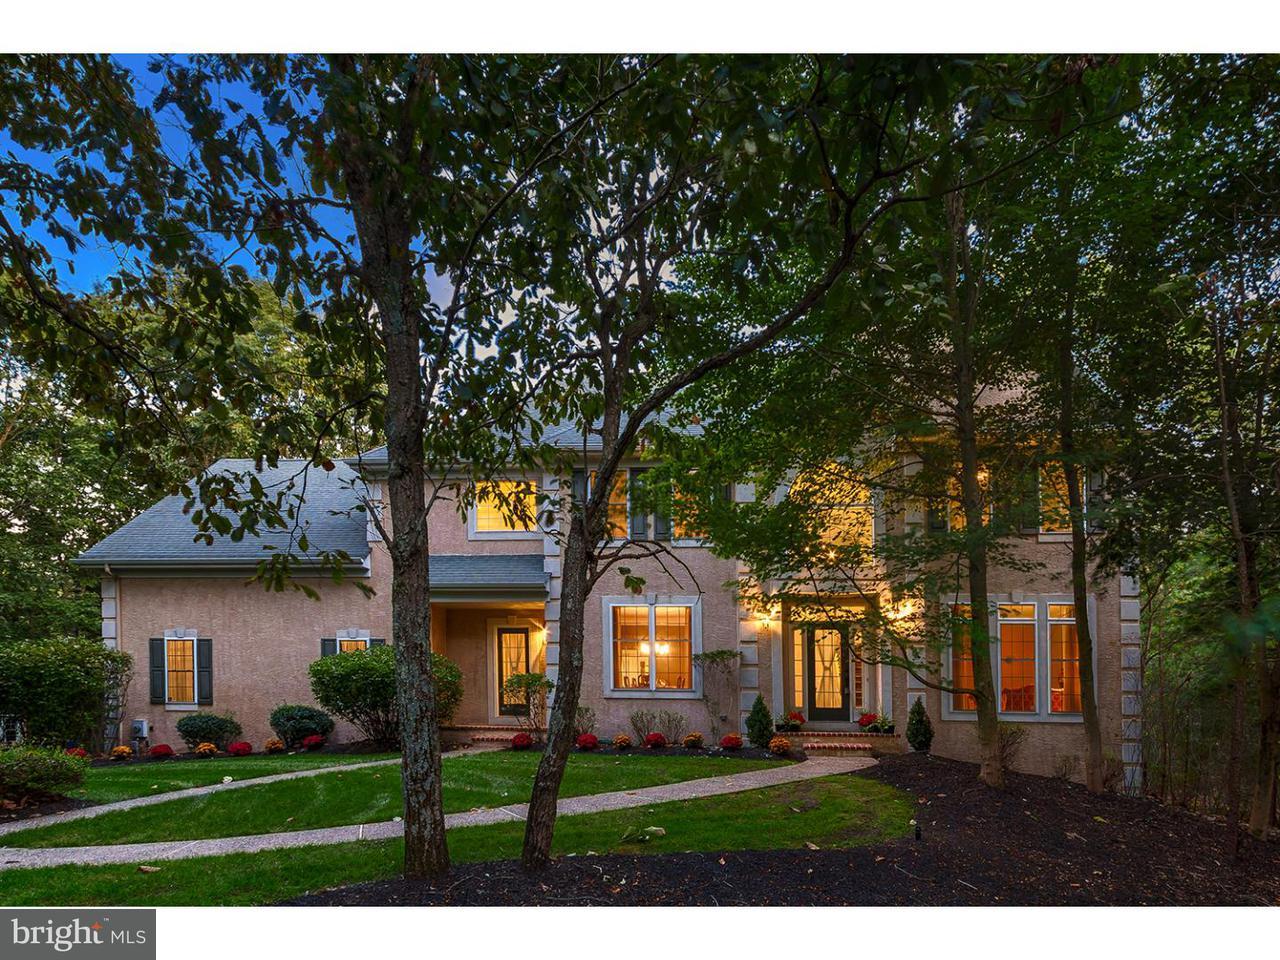 独户住宅 为 销售 在 17 THOMAS EAKINS WAY Marlton, 新泽西州 08053 美国